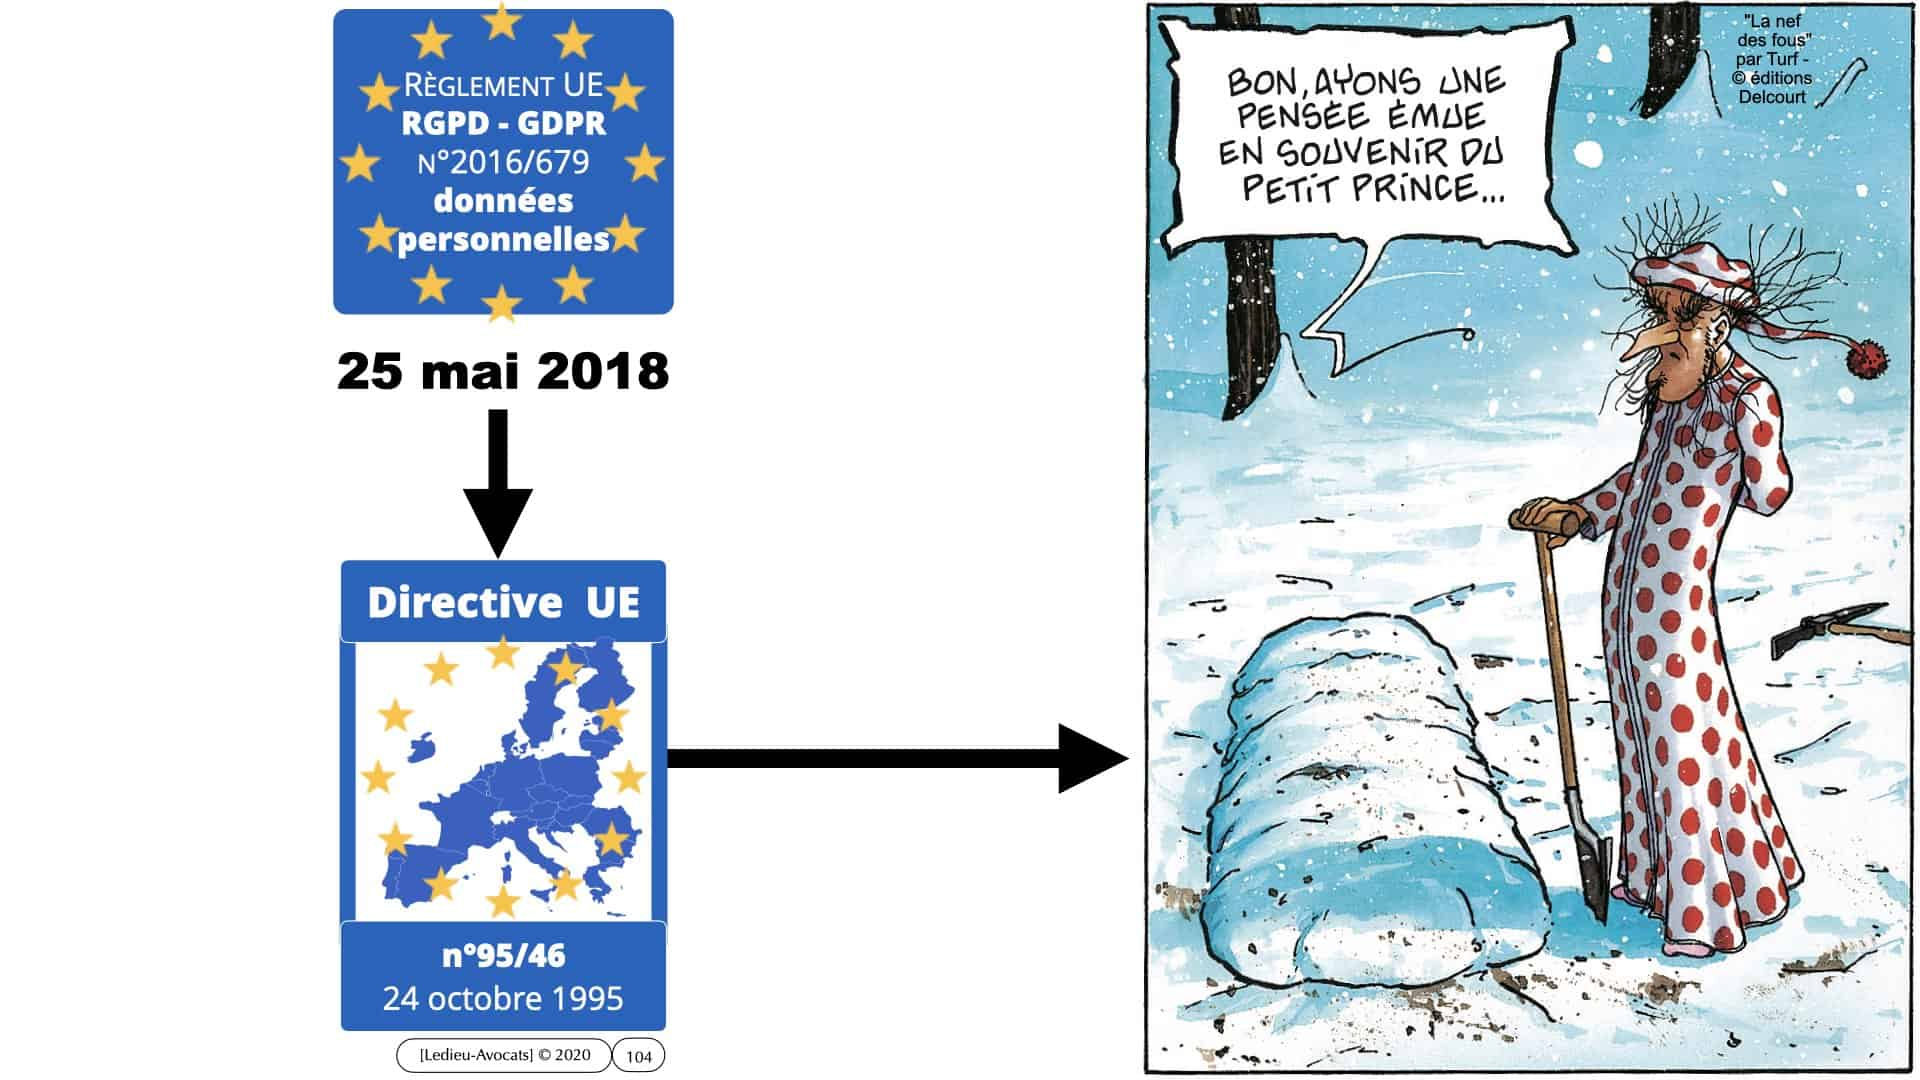 RGPD e-Privacy données personnelles jurisprudence formation Lamy Les Echos 10-02-2021 ©Ledieu-Avocats.104